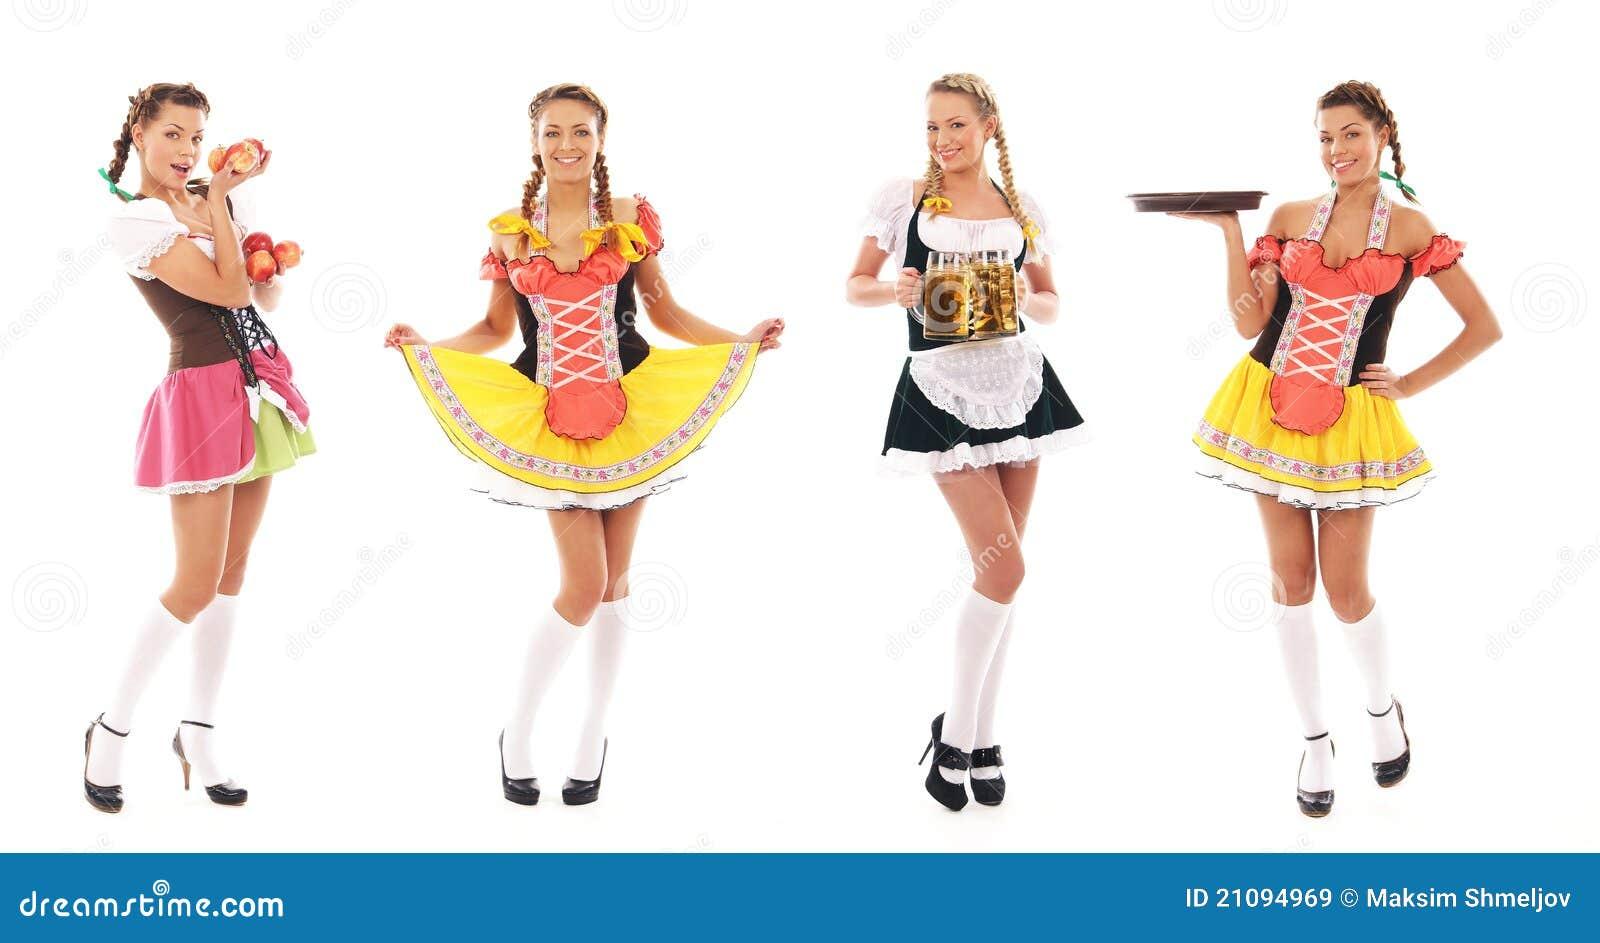 eeeef1bdd4e4d1 Vier jonge en aantrekkelijke Beierse meisjes die in sexy kleding stellen en  verse appelen houden. Het beeld is geïsoleerde op een witte achtergrond.